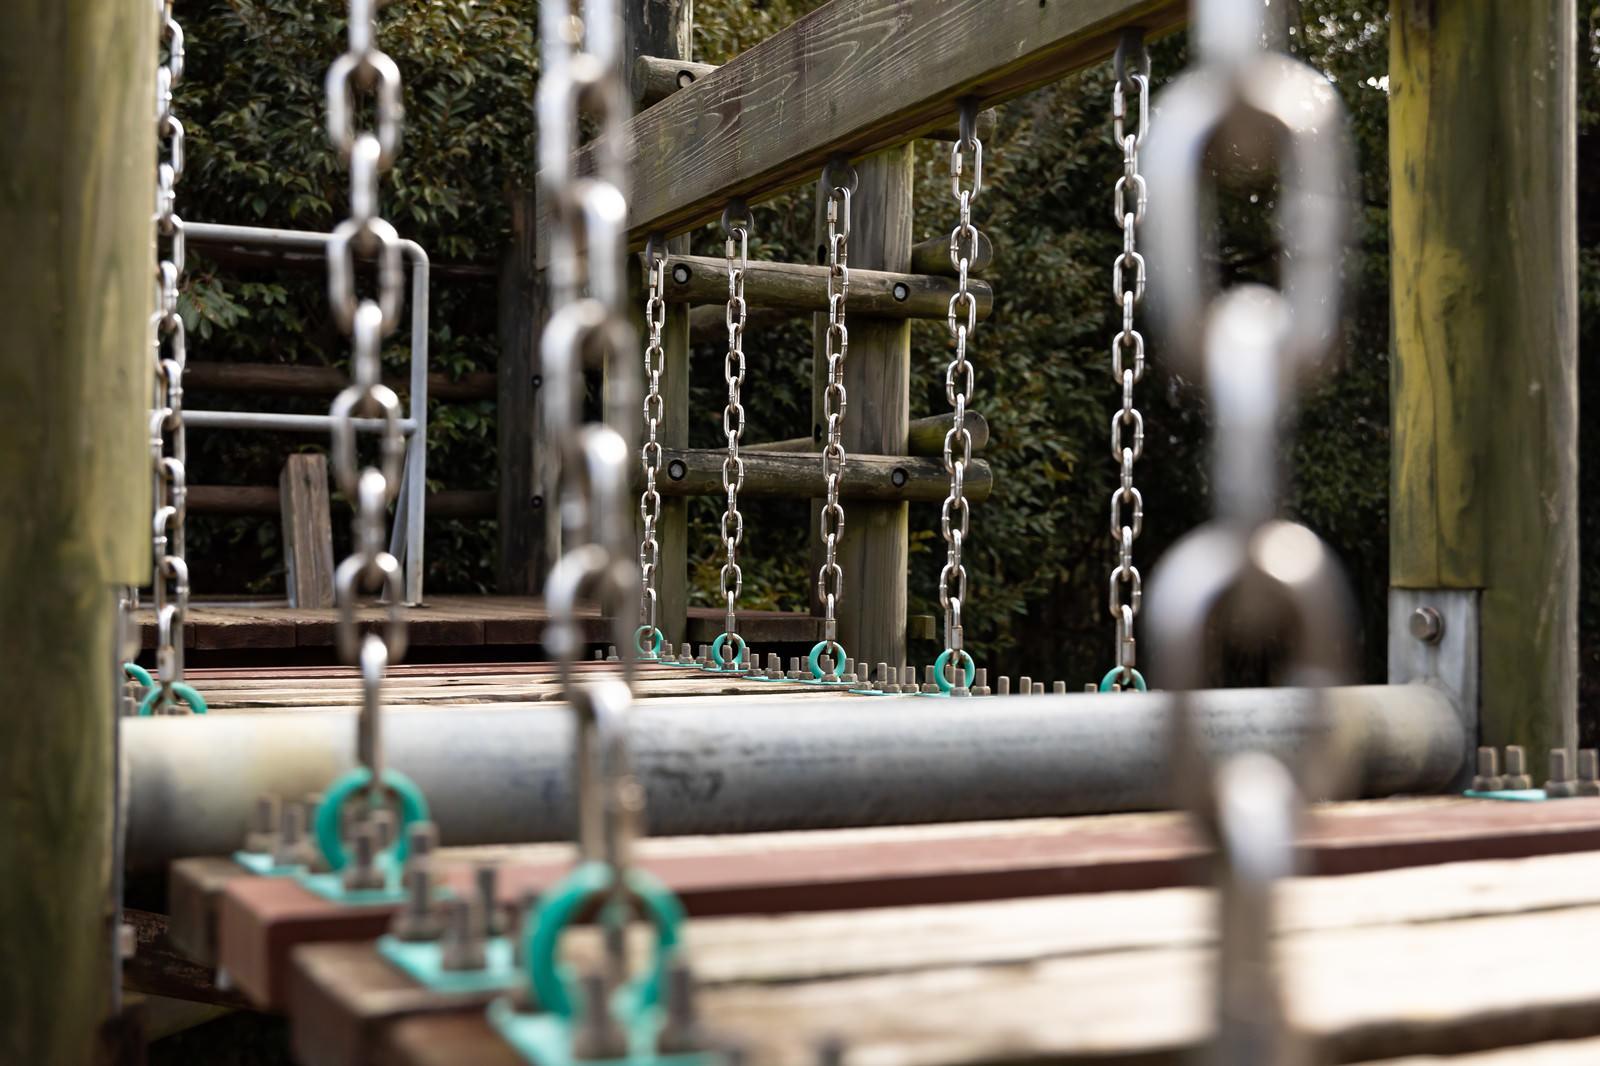 「鎖で繋がれがアスレチックの吊橋」の写真